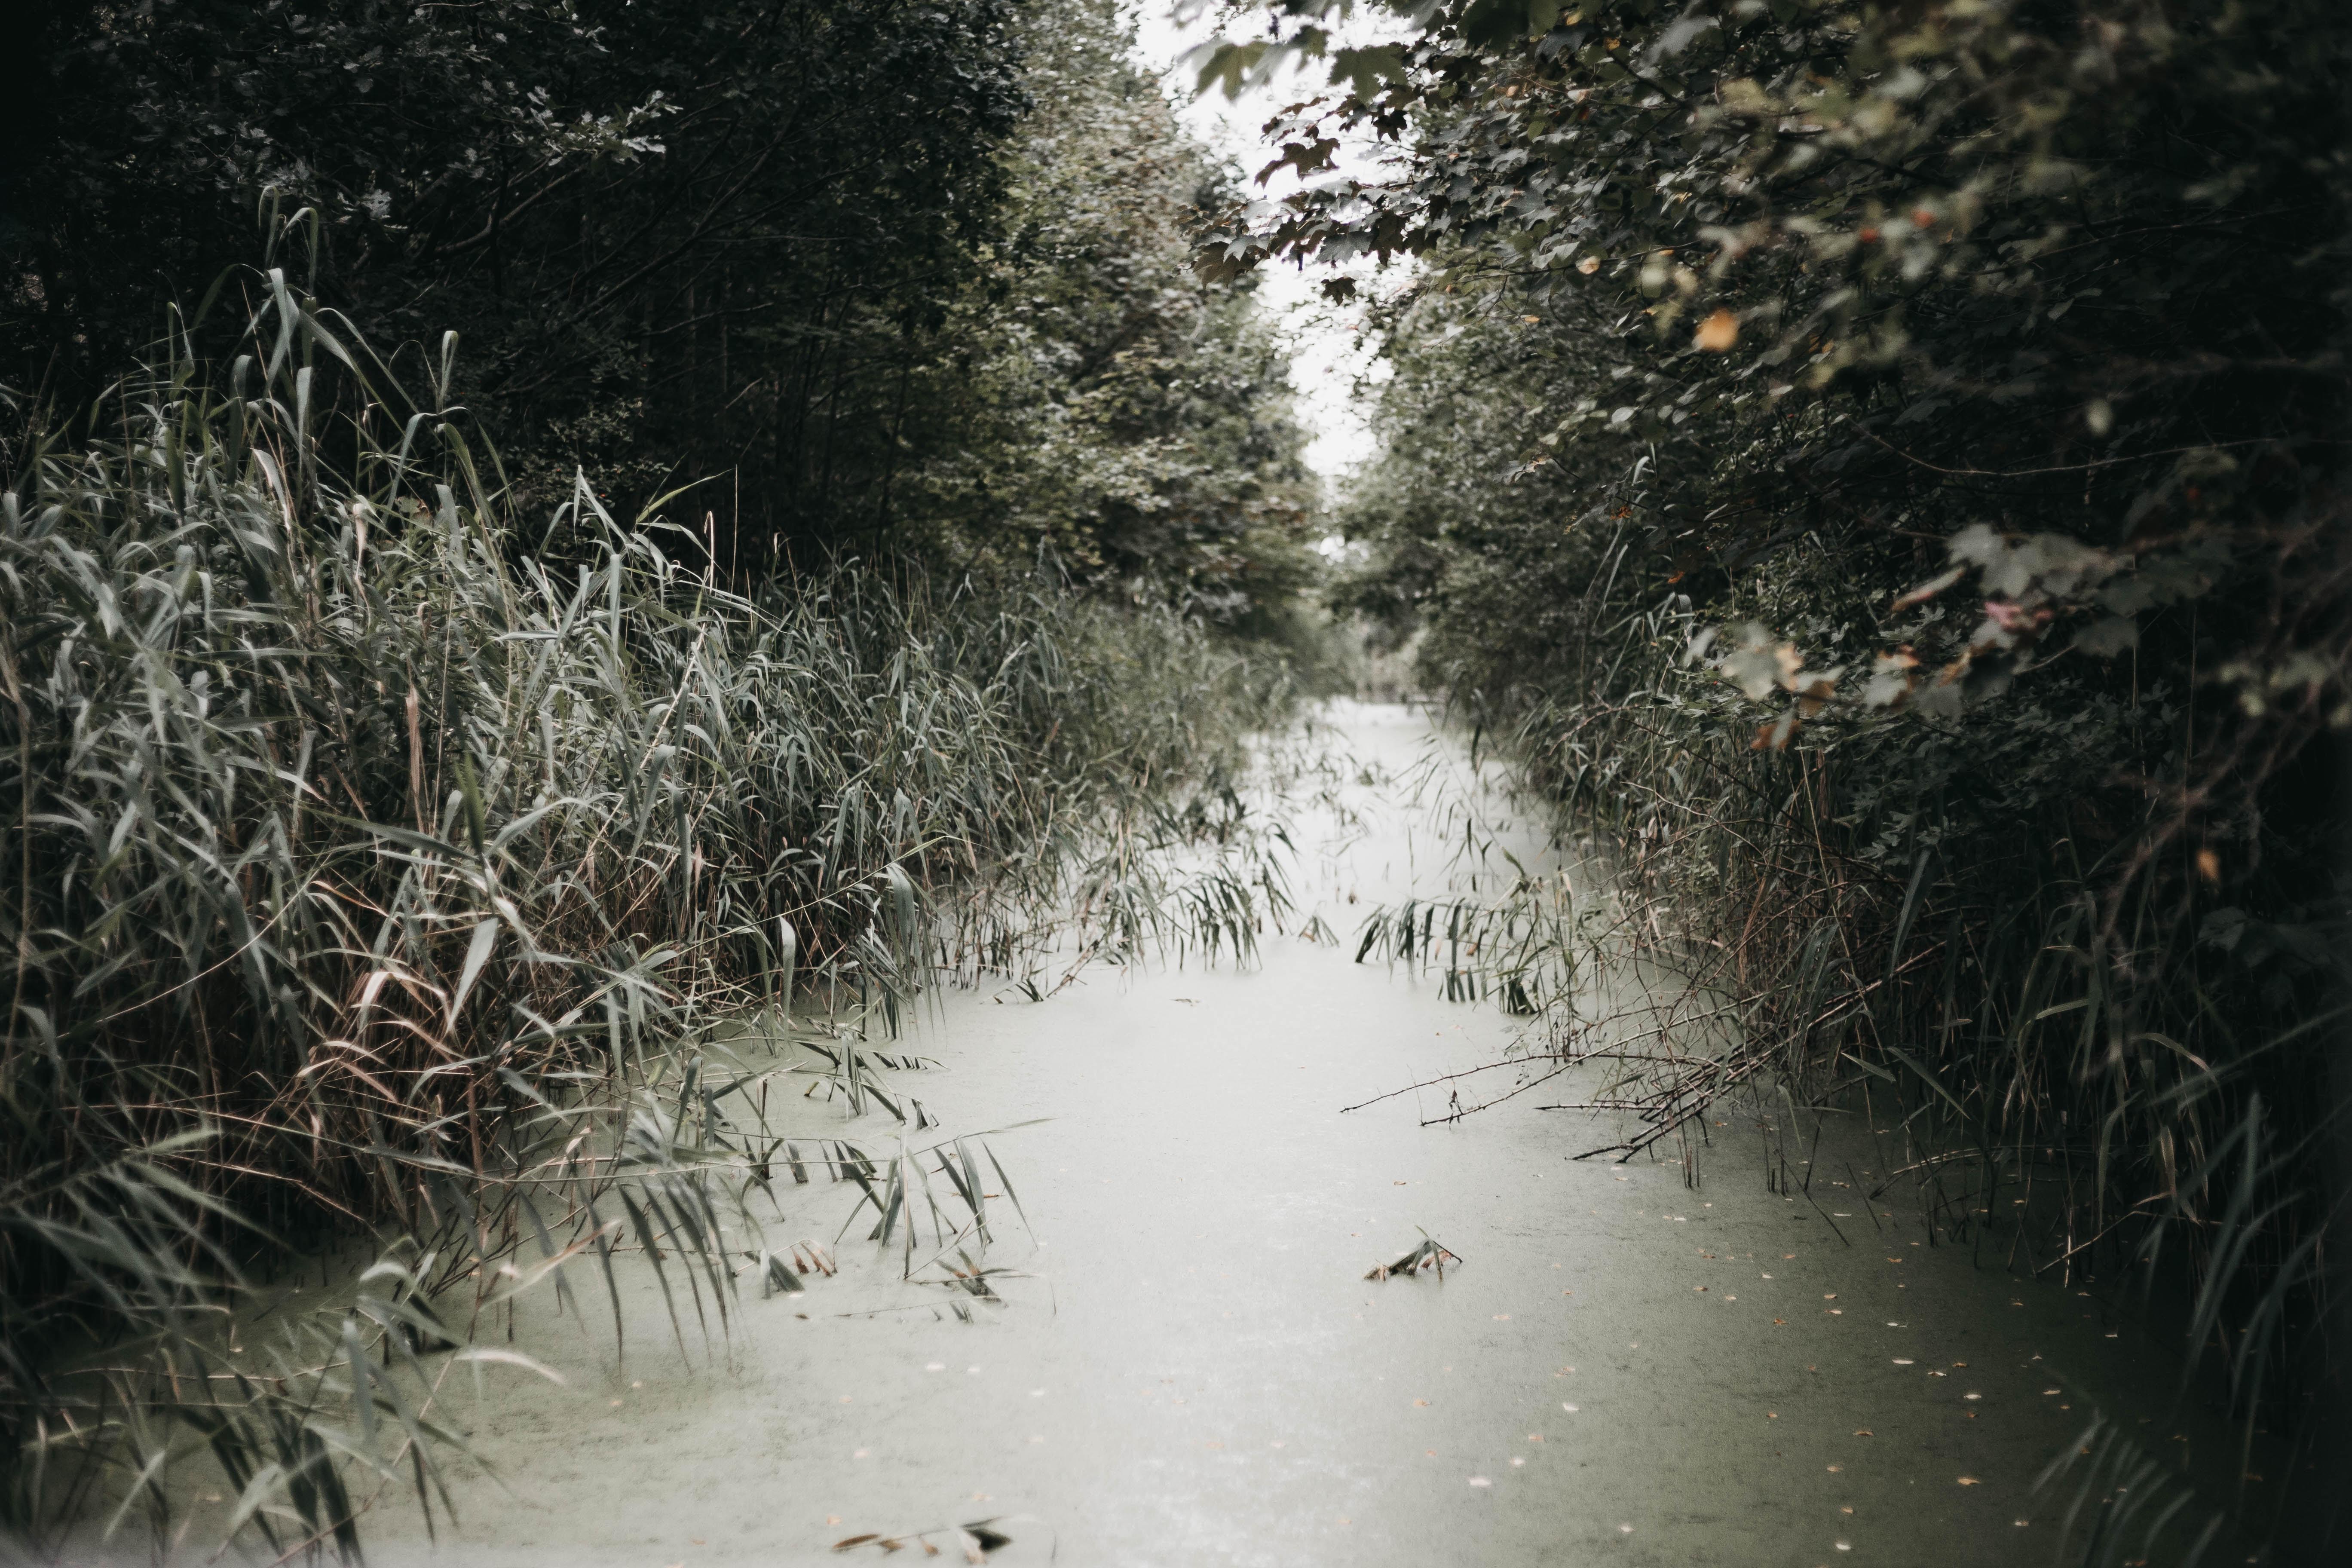 creek between green grass